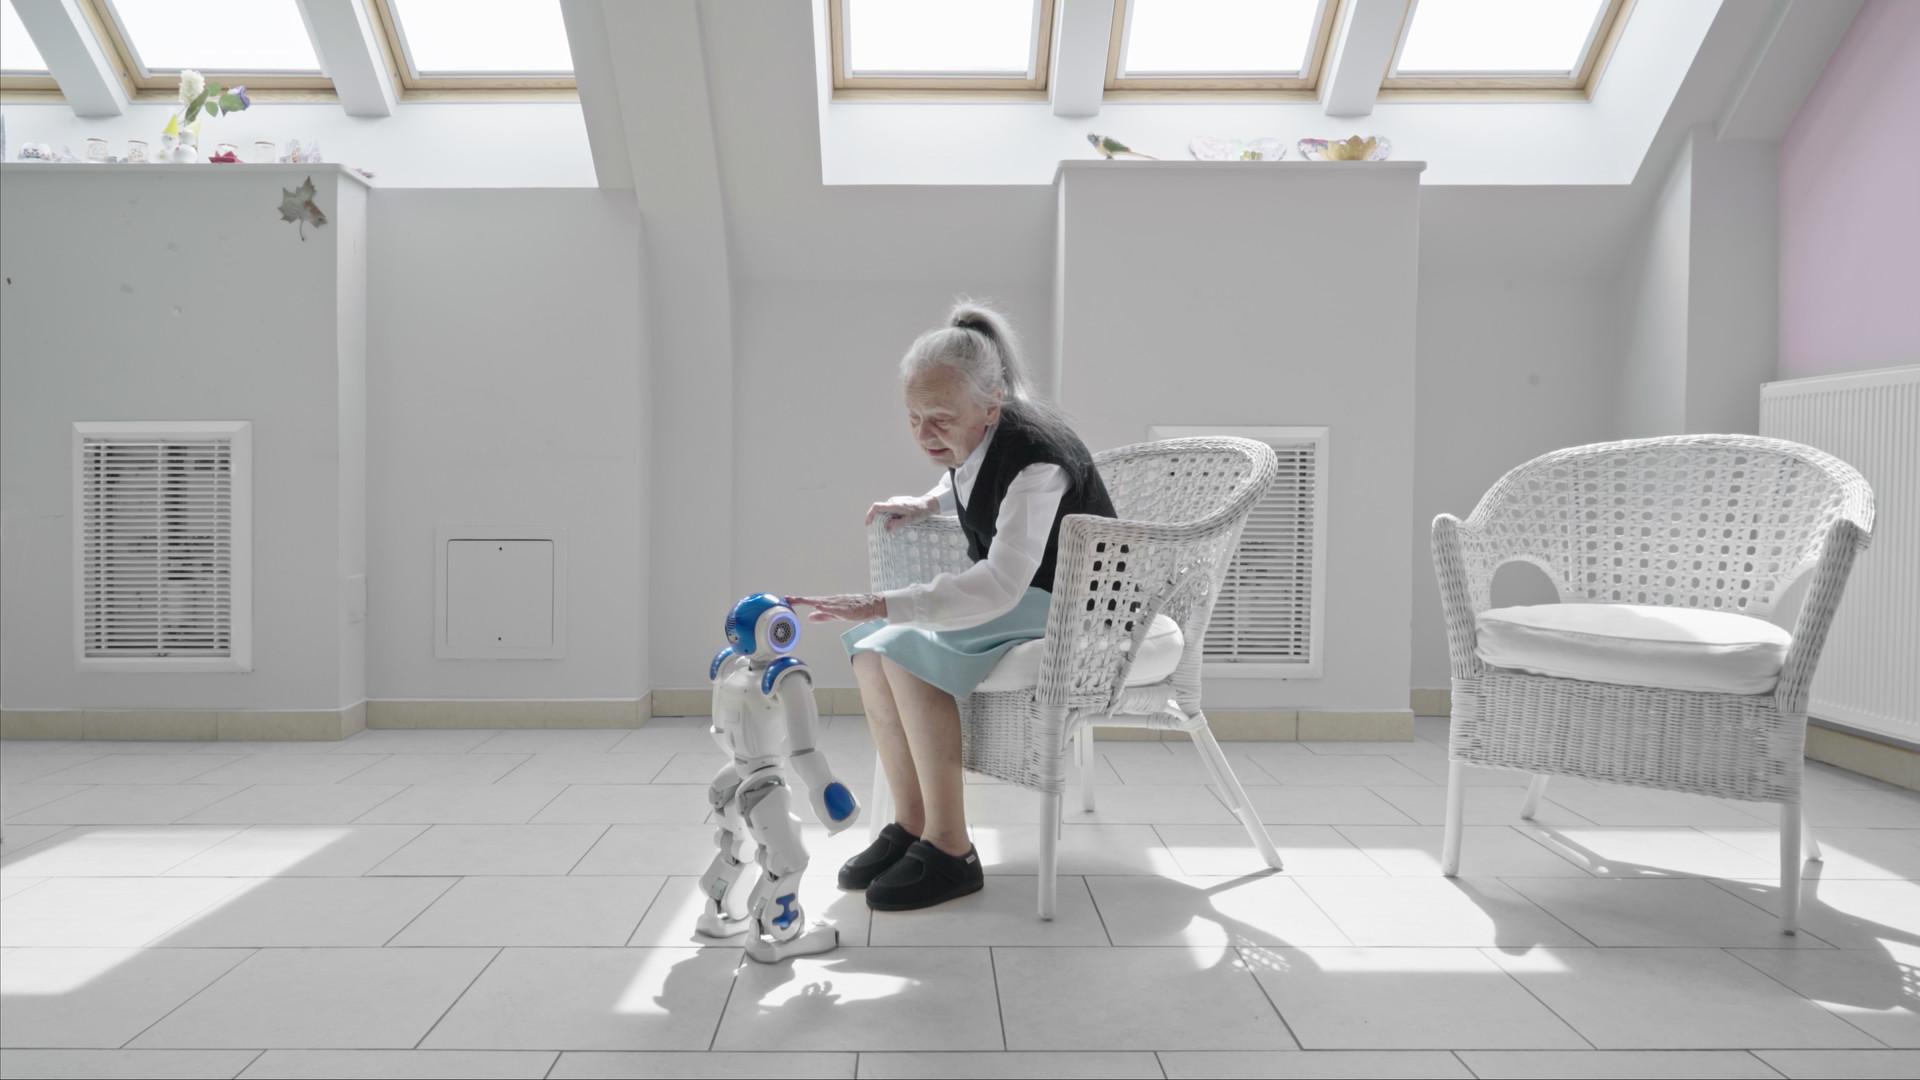 année-robot-year-robot-2020